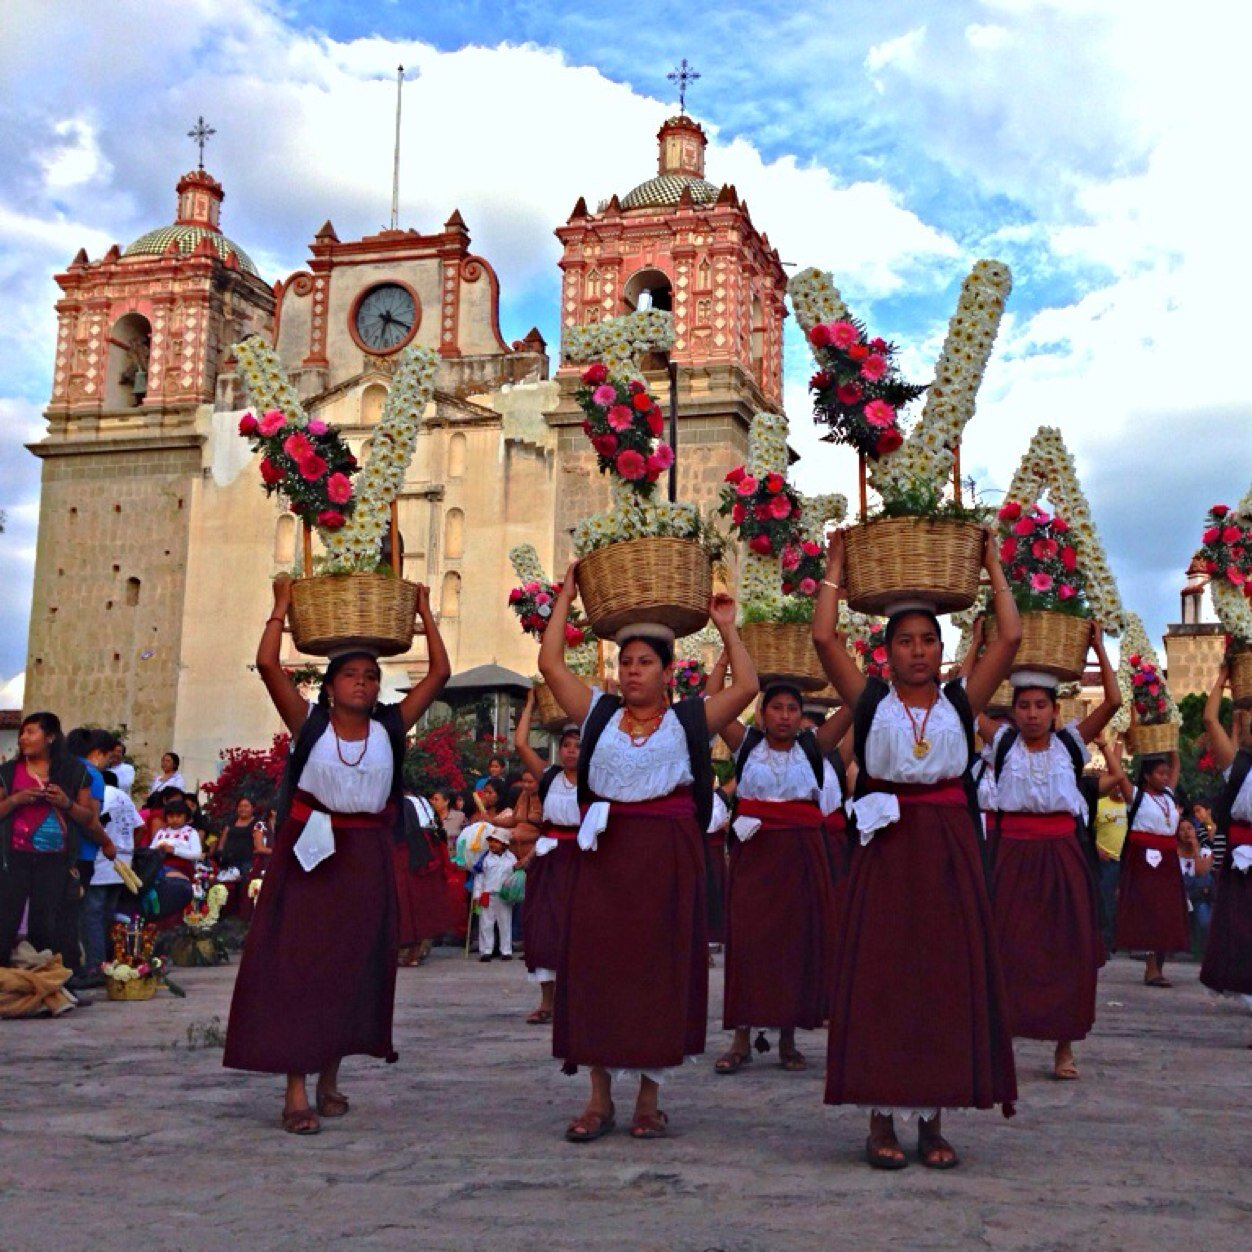 Tlacolula de Matamoros, una parada imperdible en la ruta del mezcal en Oaxaca.